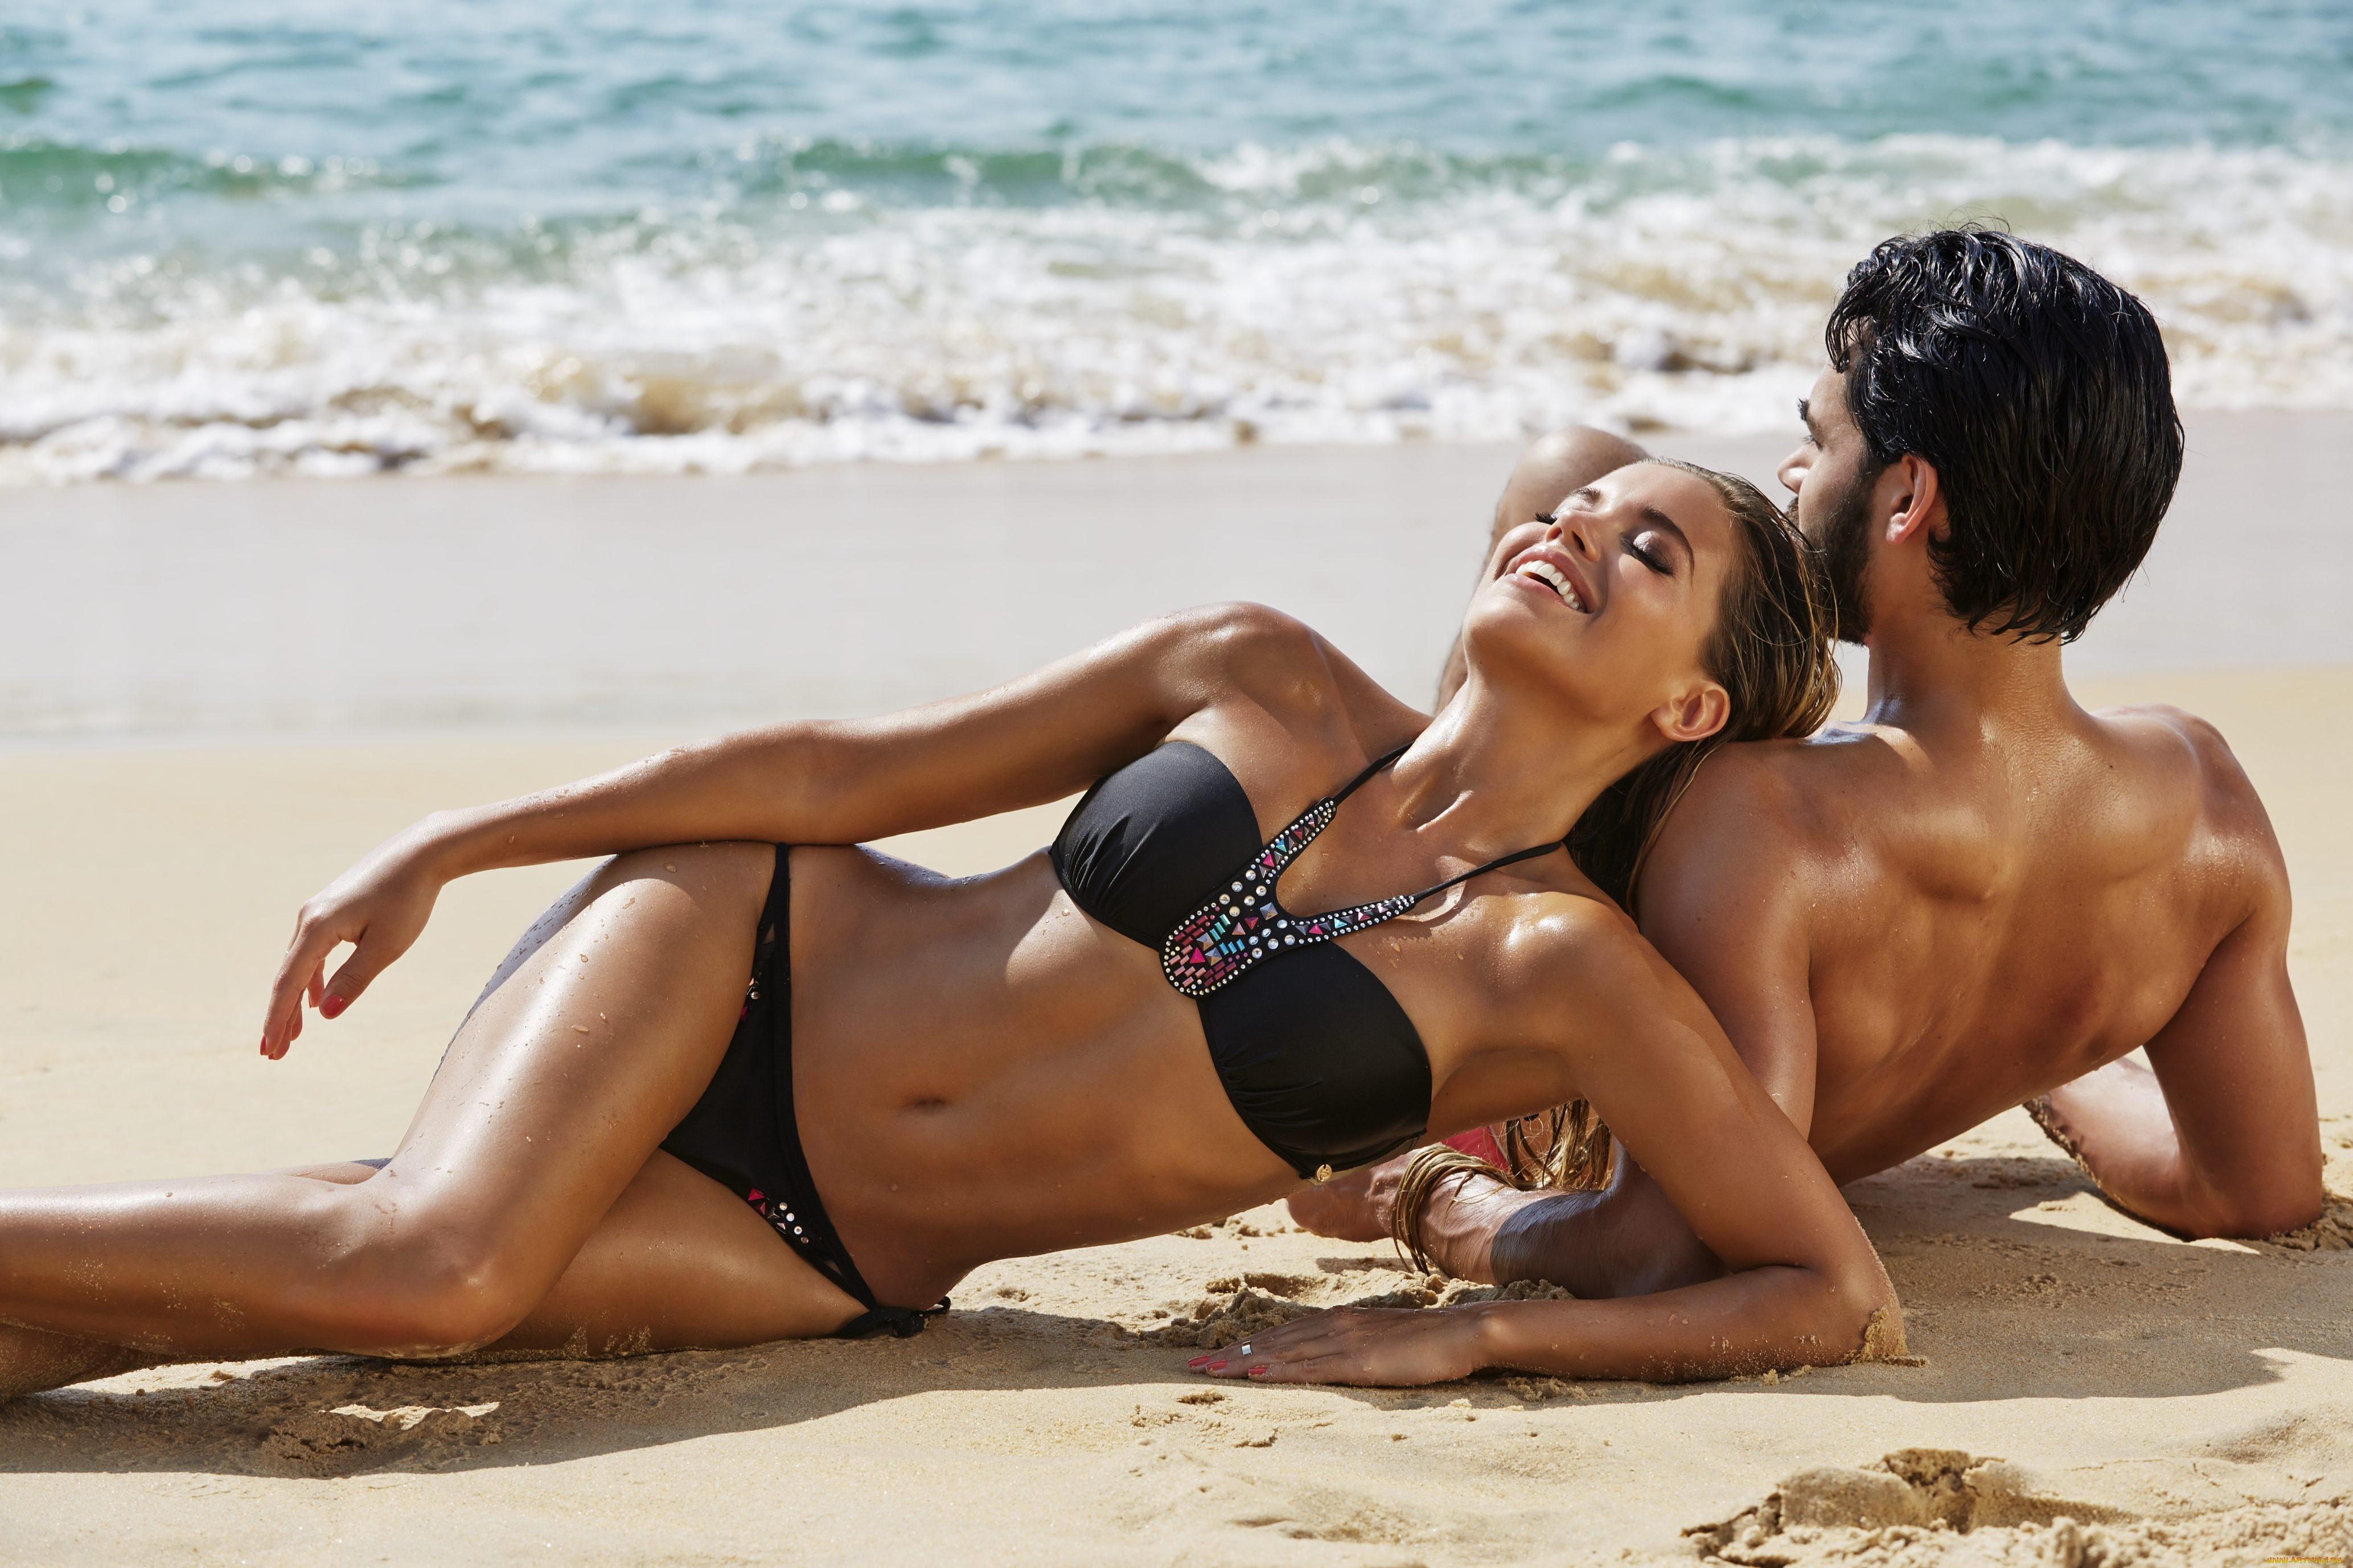 Что важнее физическое удовлетворение в сексе или душевное состояние